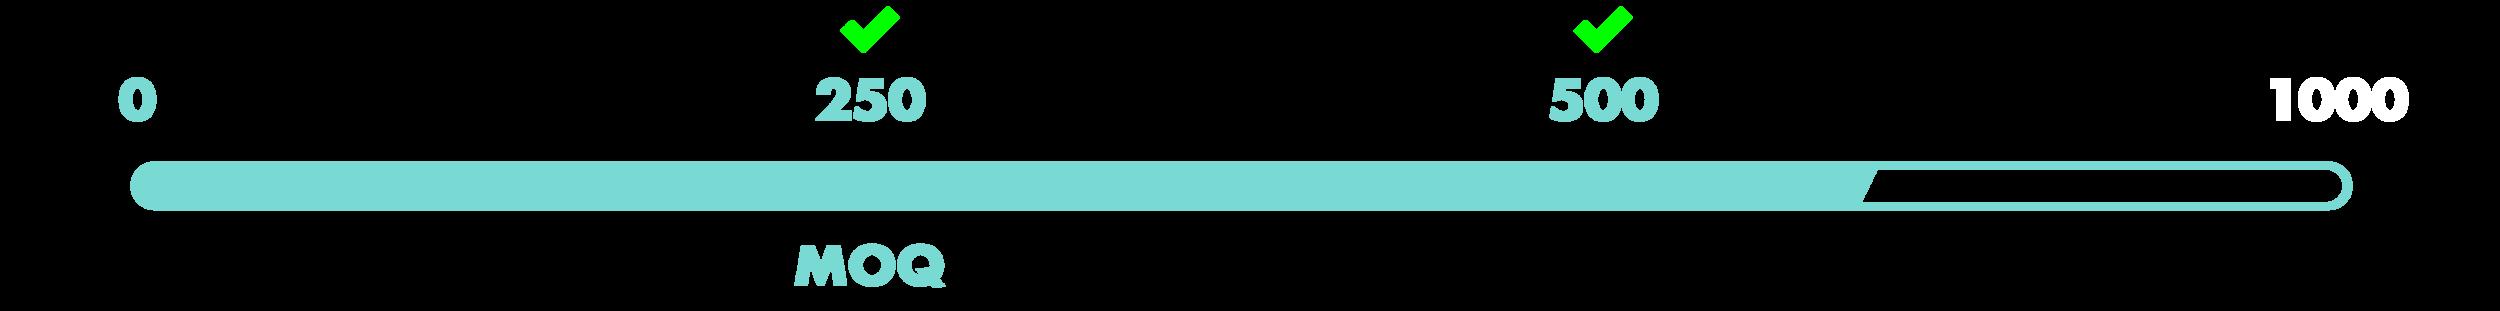 Progress-Bar-MOQ.png